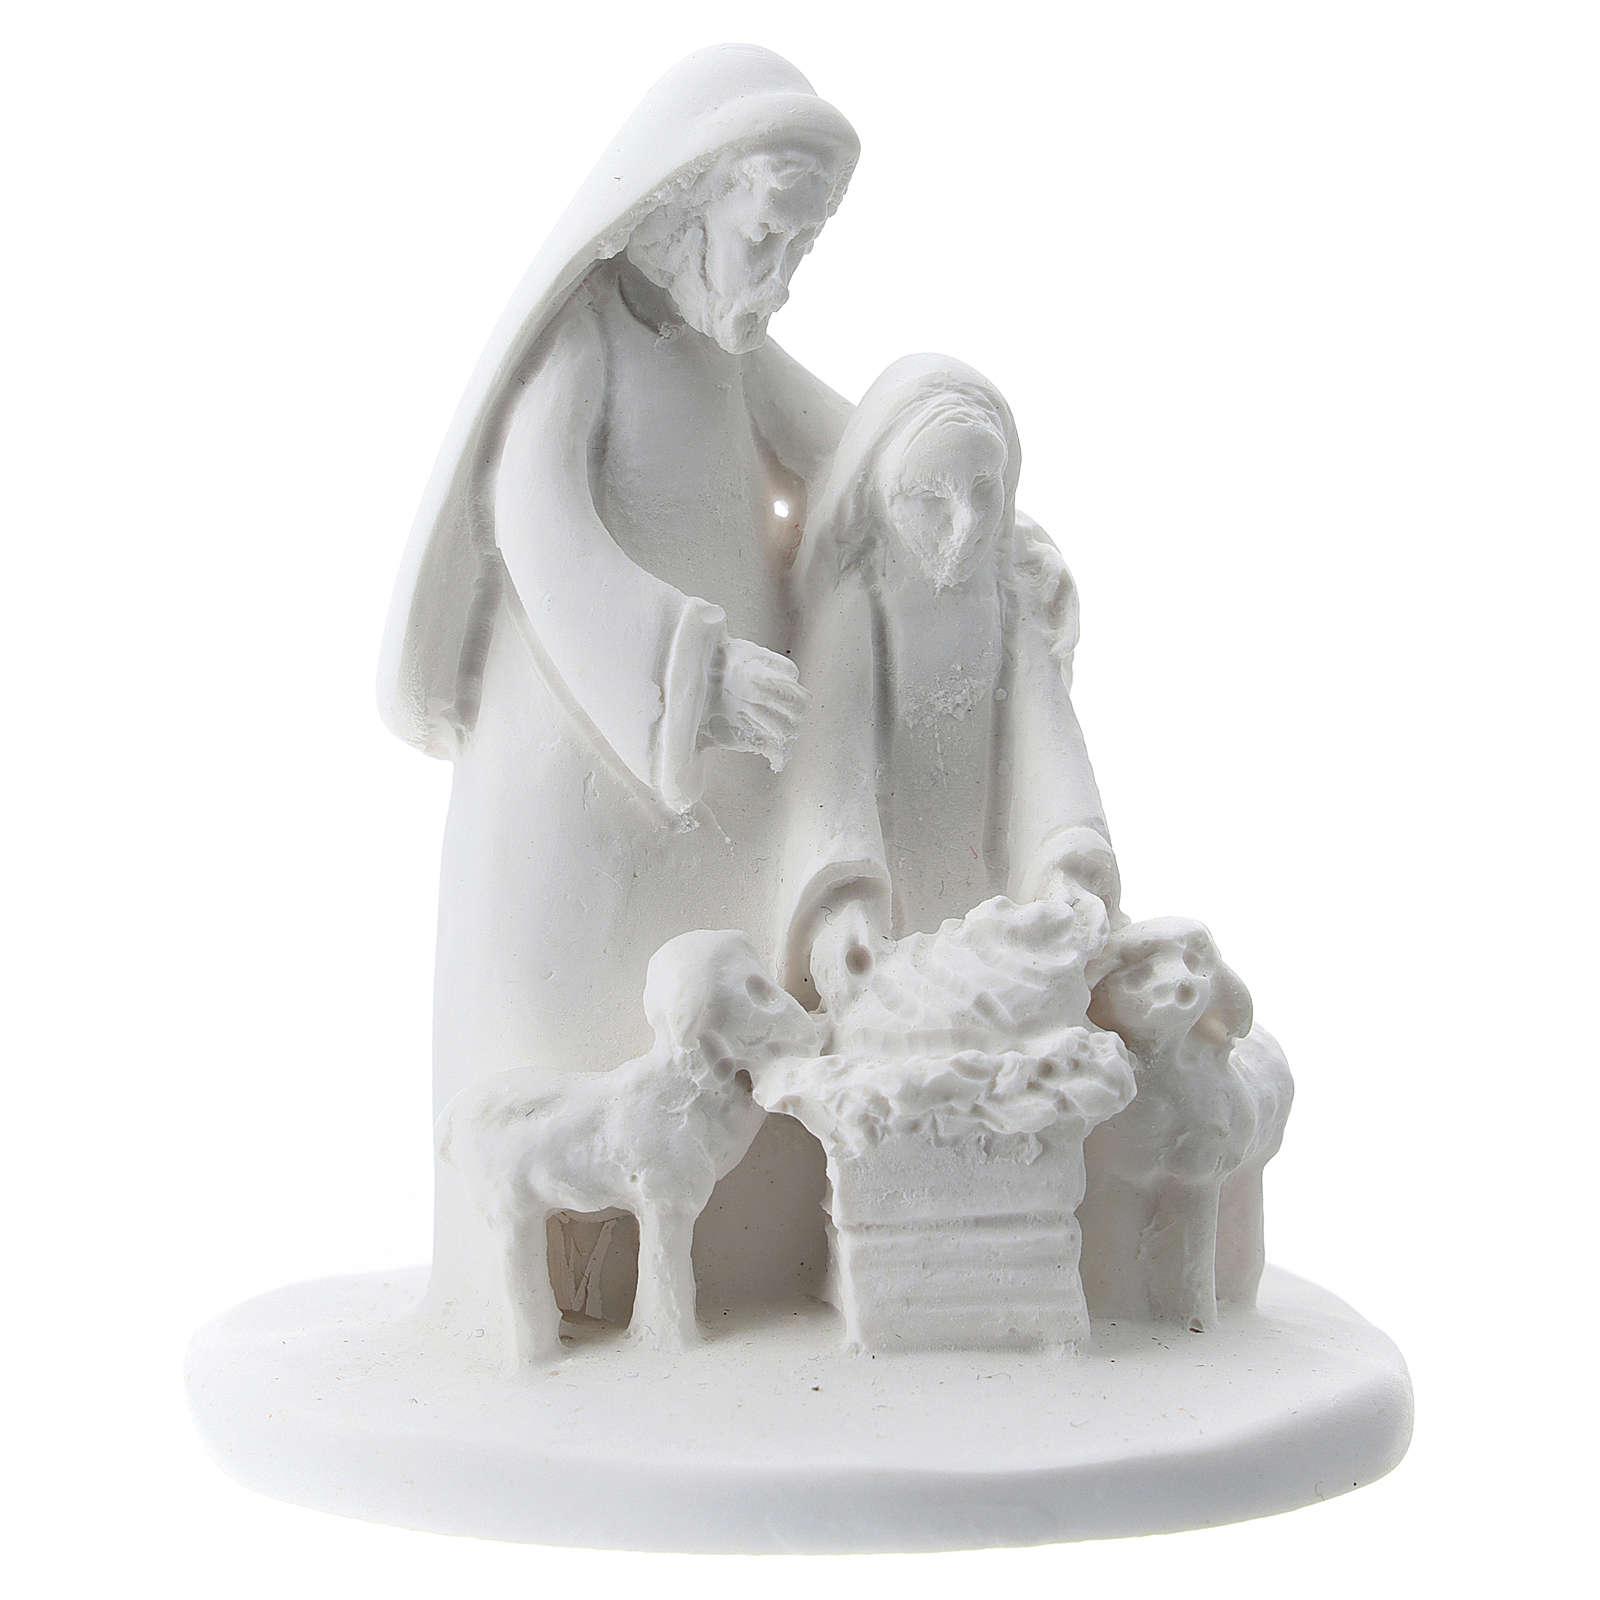 Statuina mamma e figlio resina bianca 5 cm 3